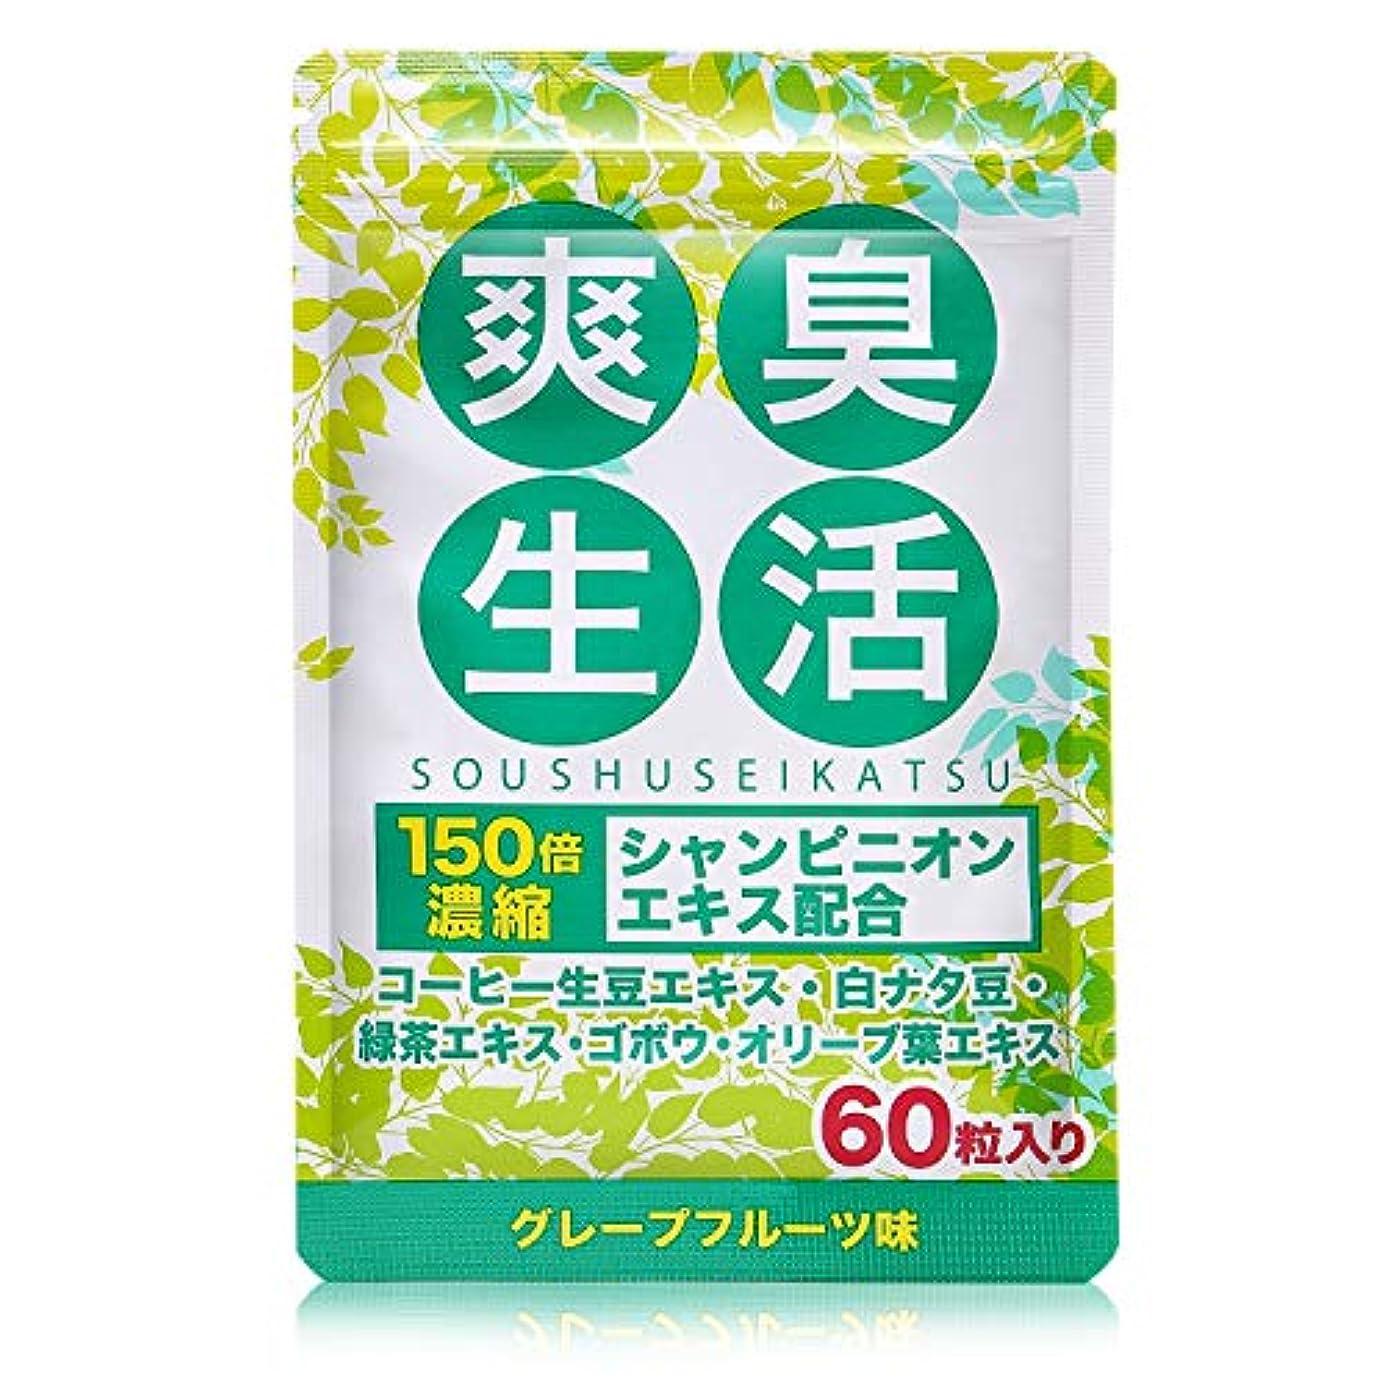 混乱させる二次工場爽臭生活 シャンピニオン コーヒー生豆エキス 配合 サプリメント 60粒30日分